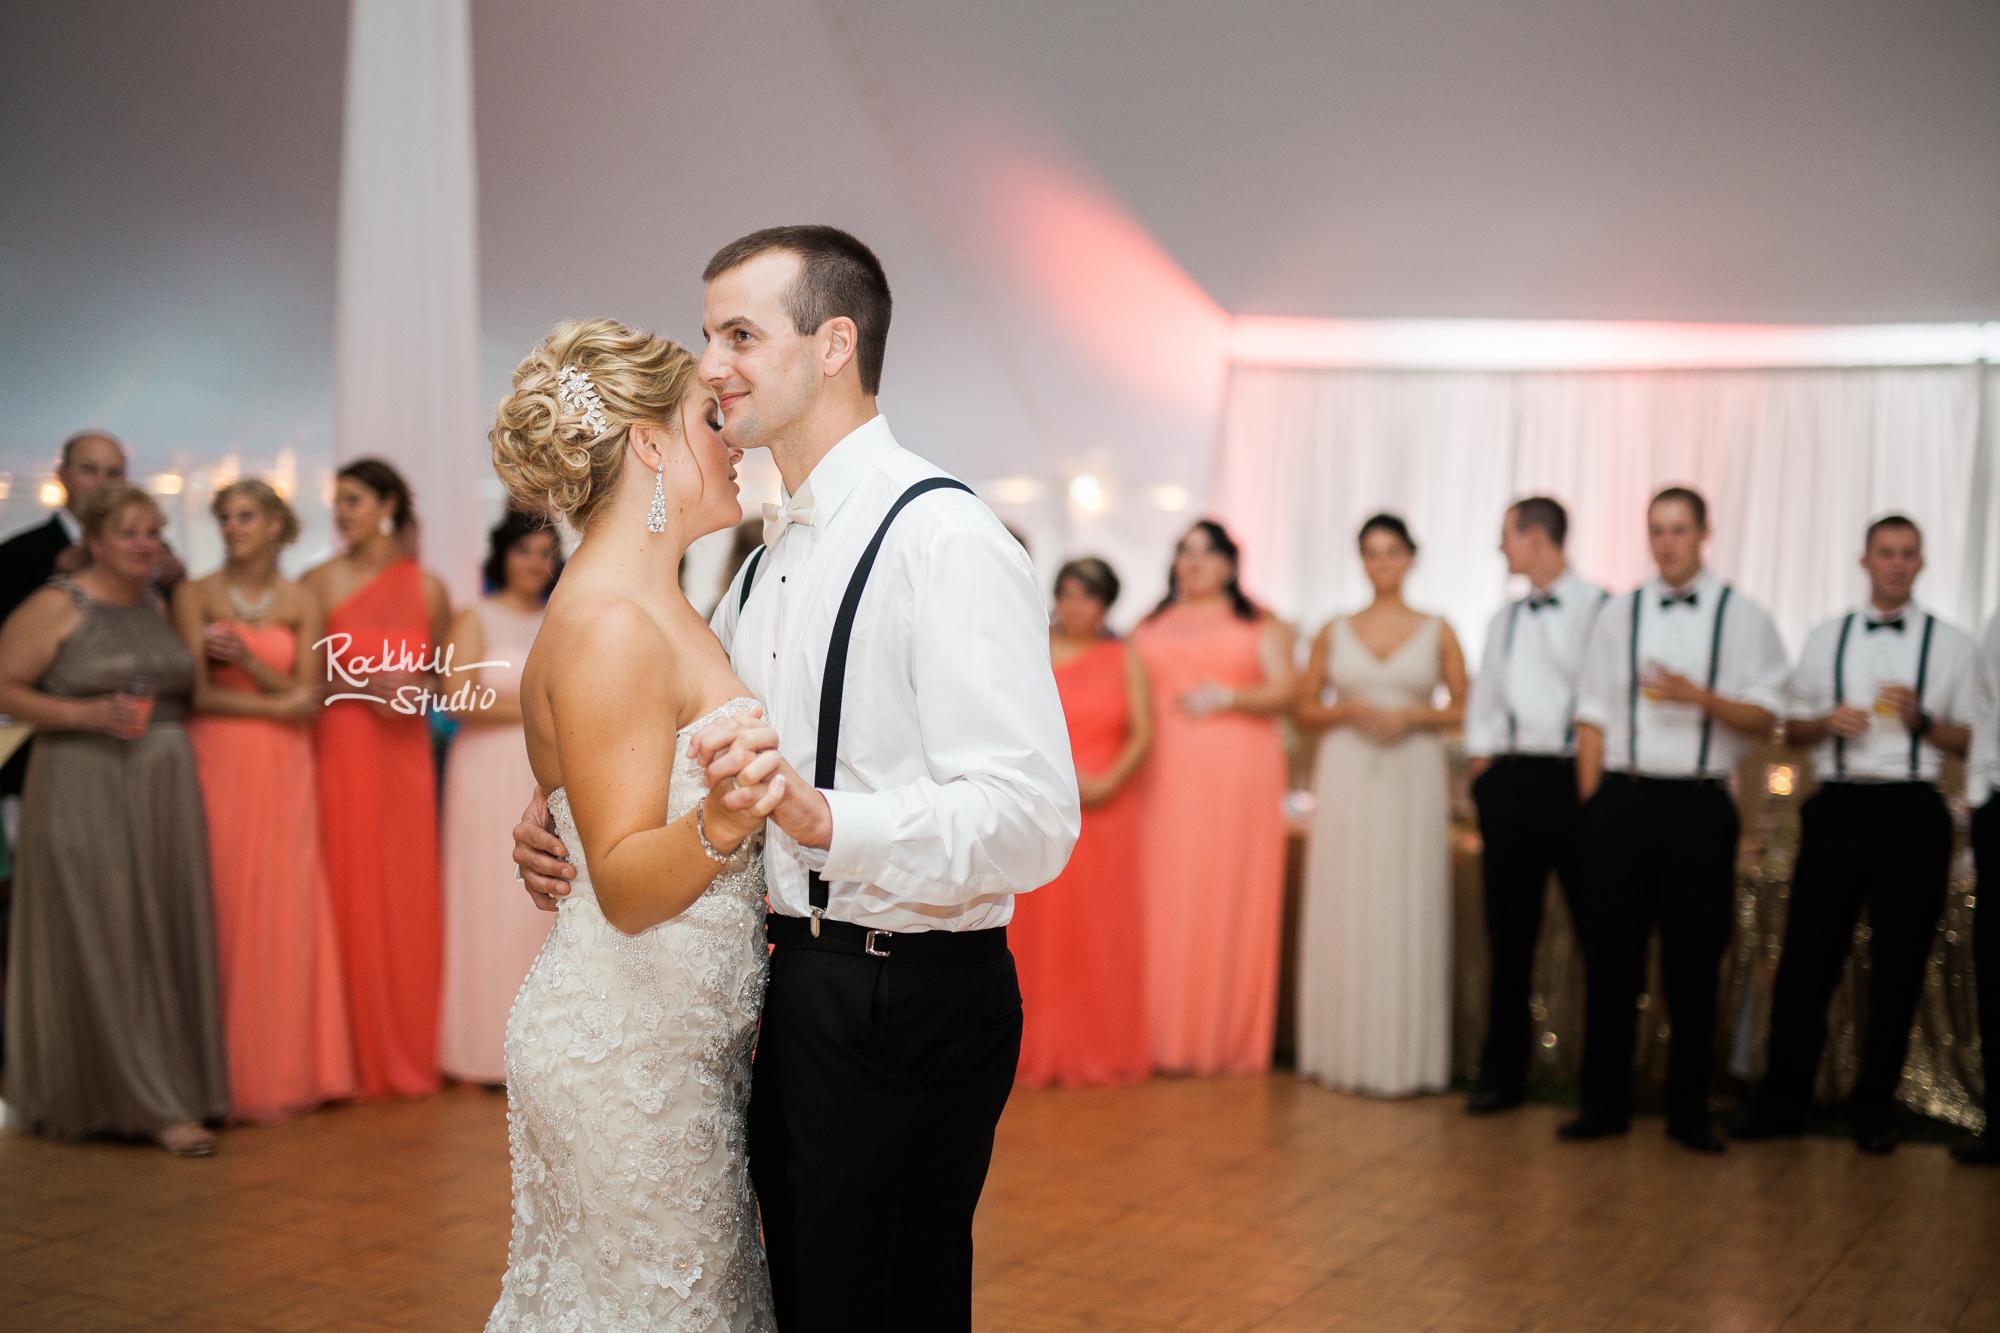 marquette-wedding-photographer-lankdmark-inn-first-dance-bride-groom.jpg